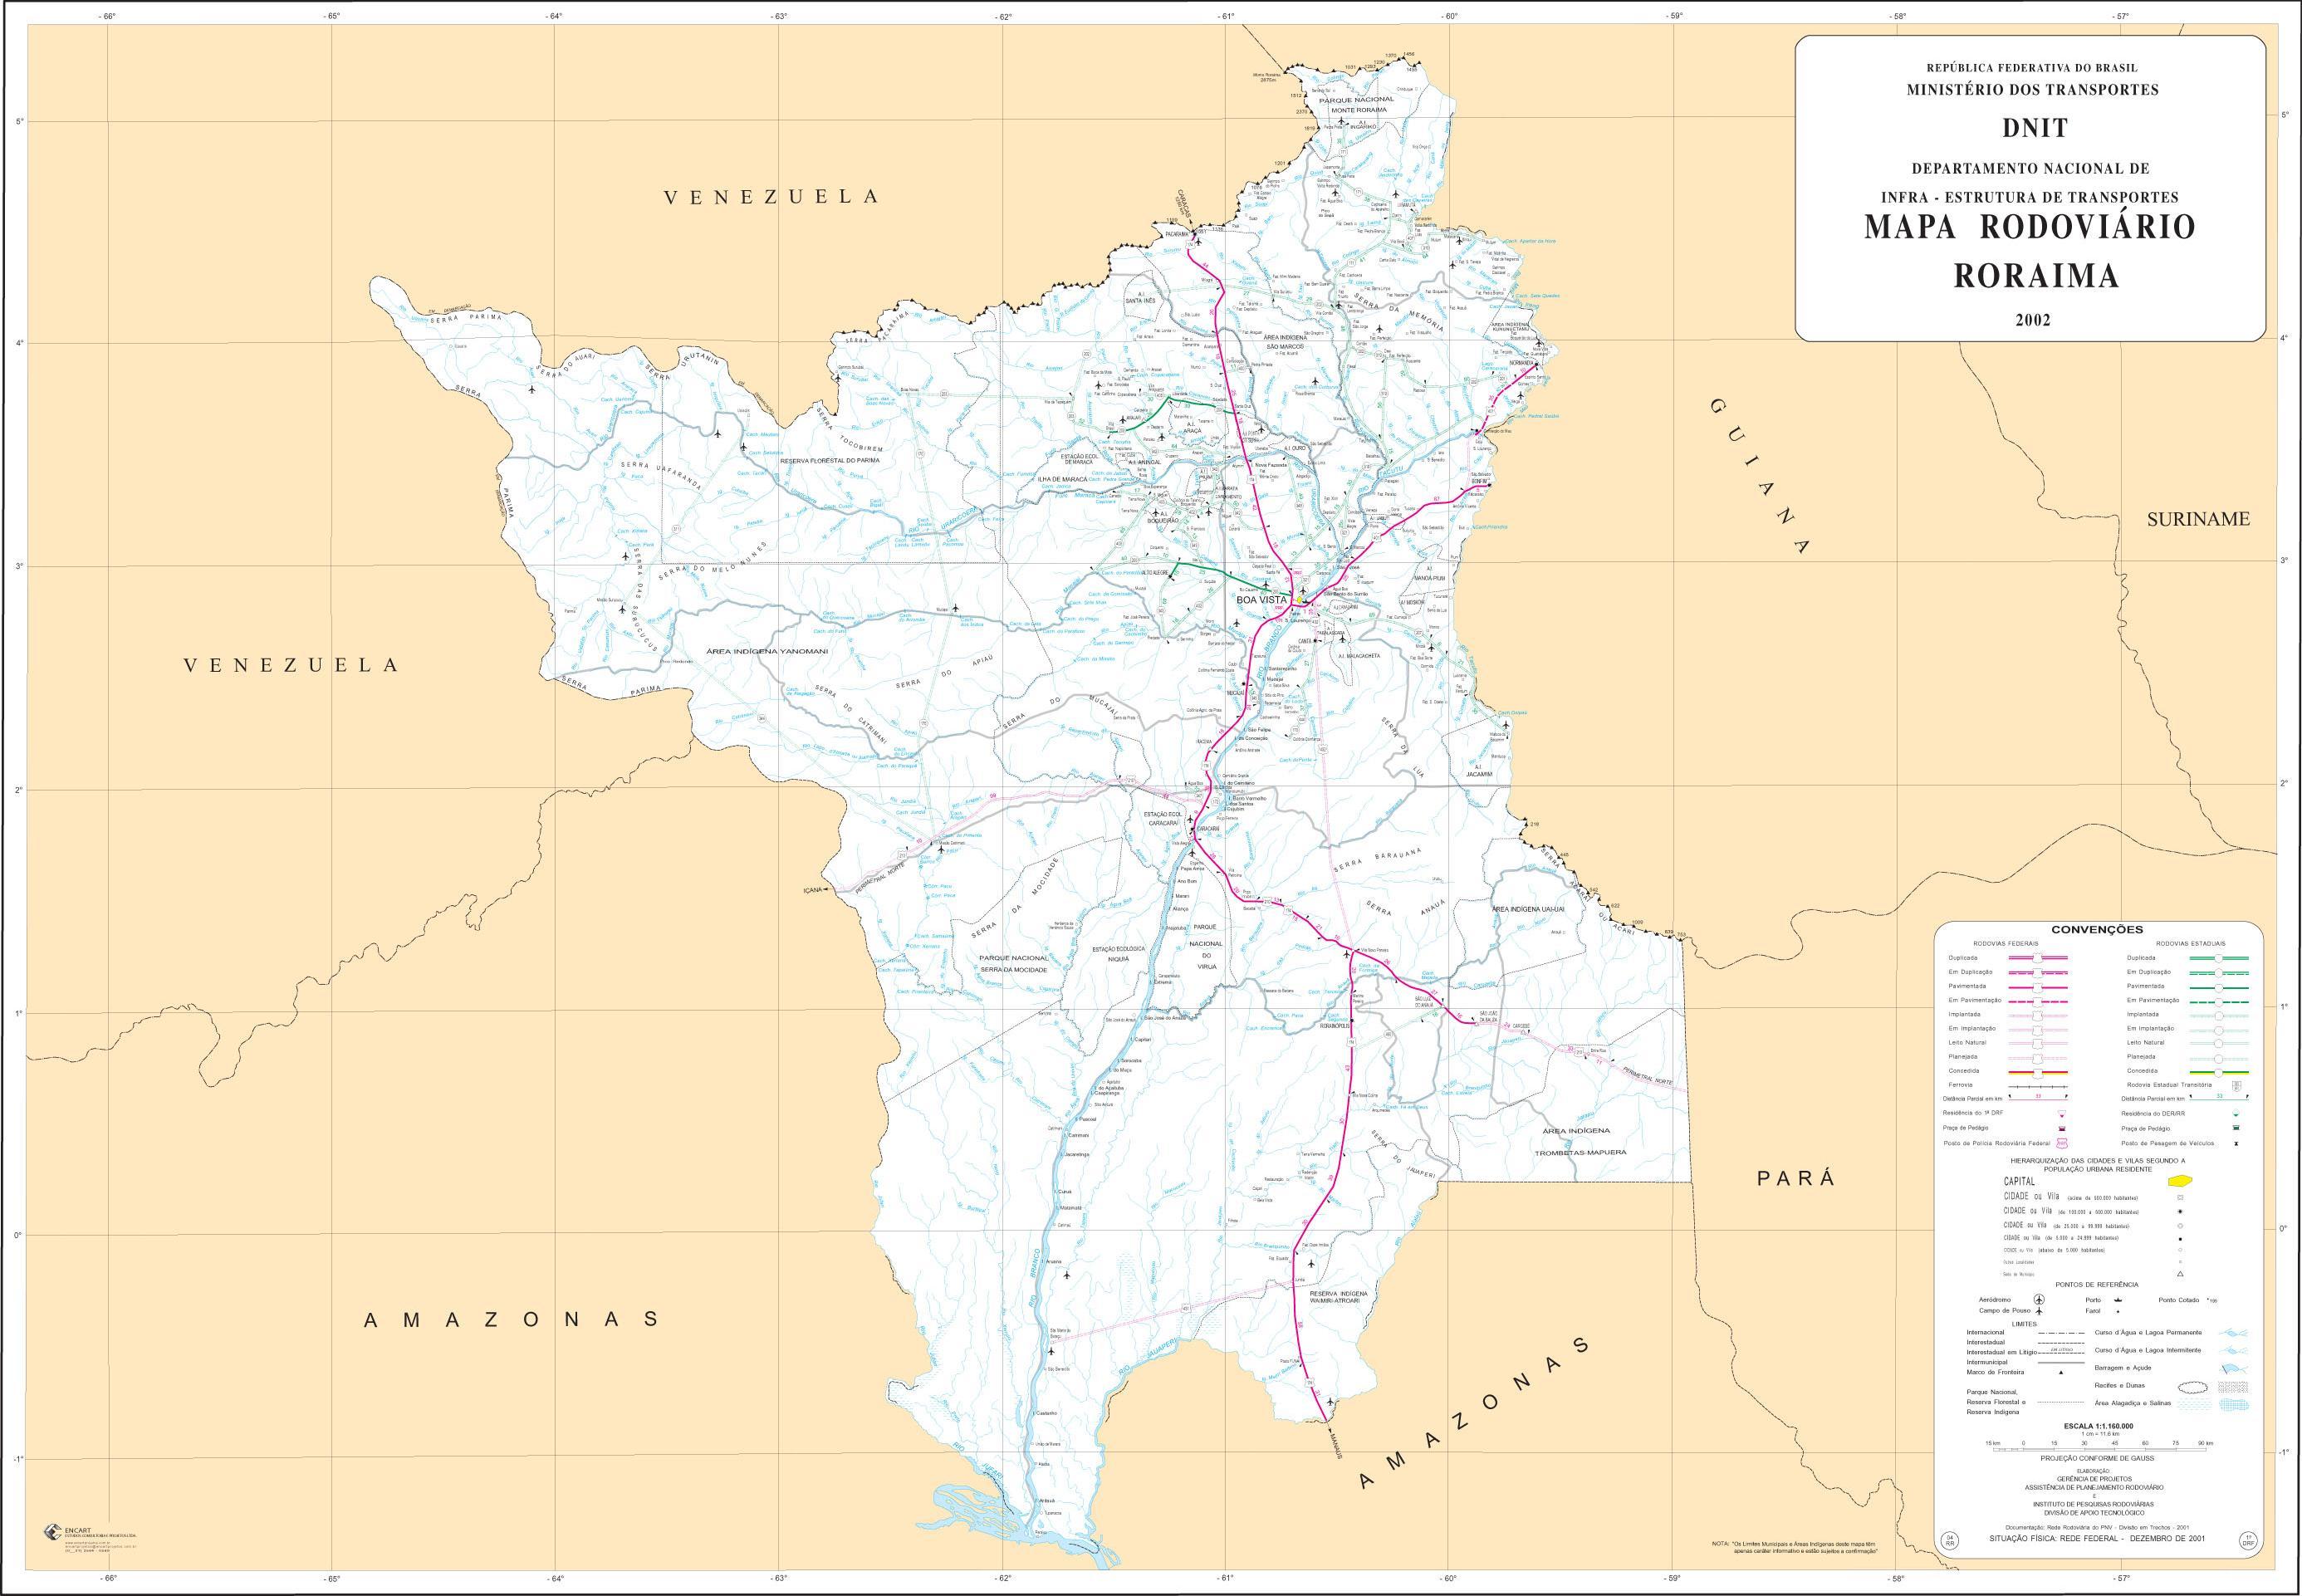 Mapa de Carreteras Federales y Estatales del Edo. de Roraima, Brasil